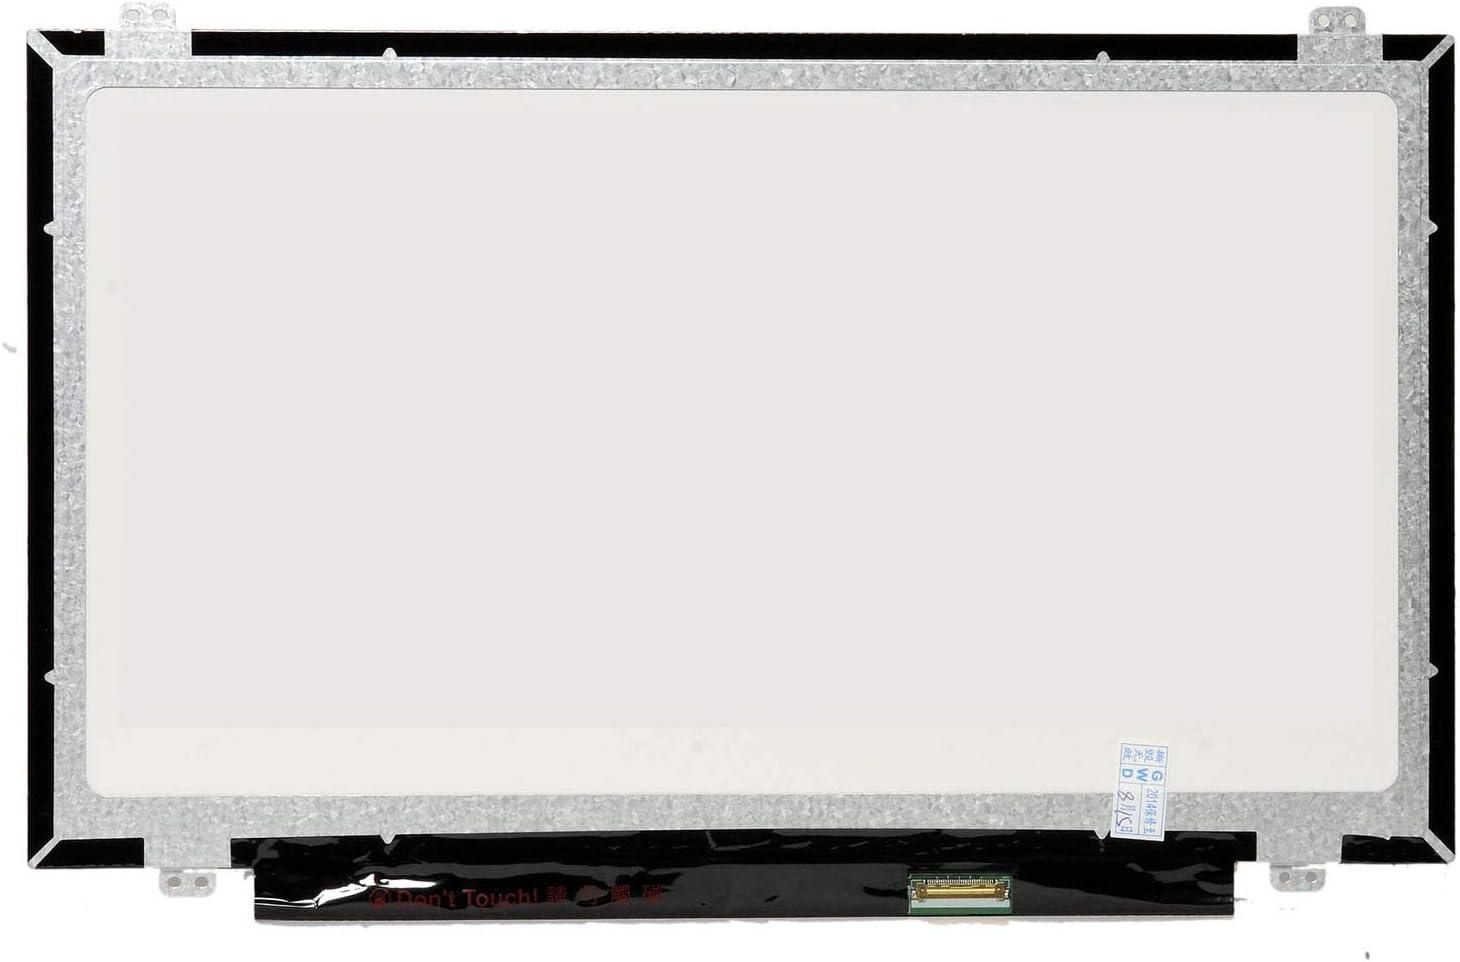 Acer Aspire E5-473T 474 474G 475 475Gシリーズ 14インチ LED LCDスクリーン eDP 30ピン用スクリーンディスプレイ